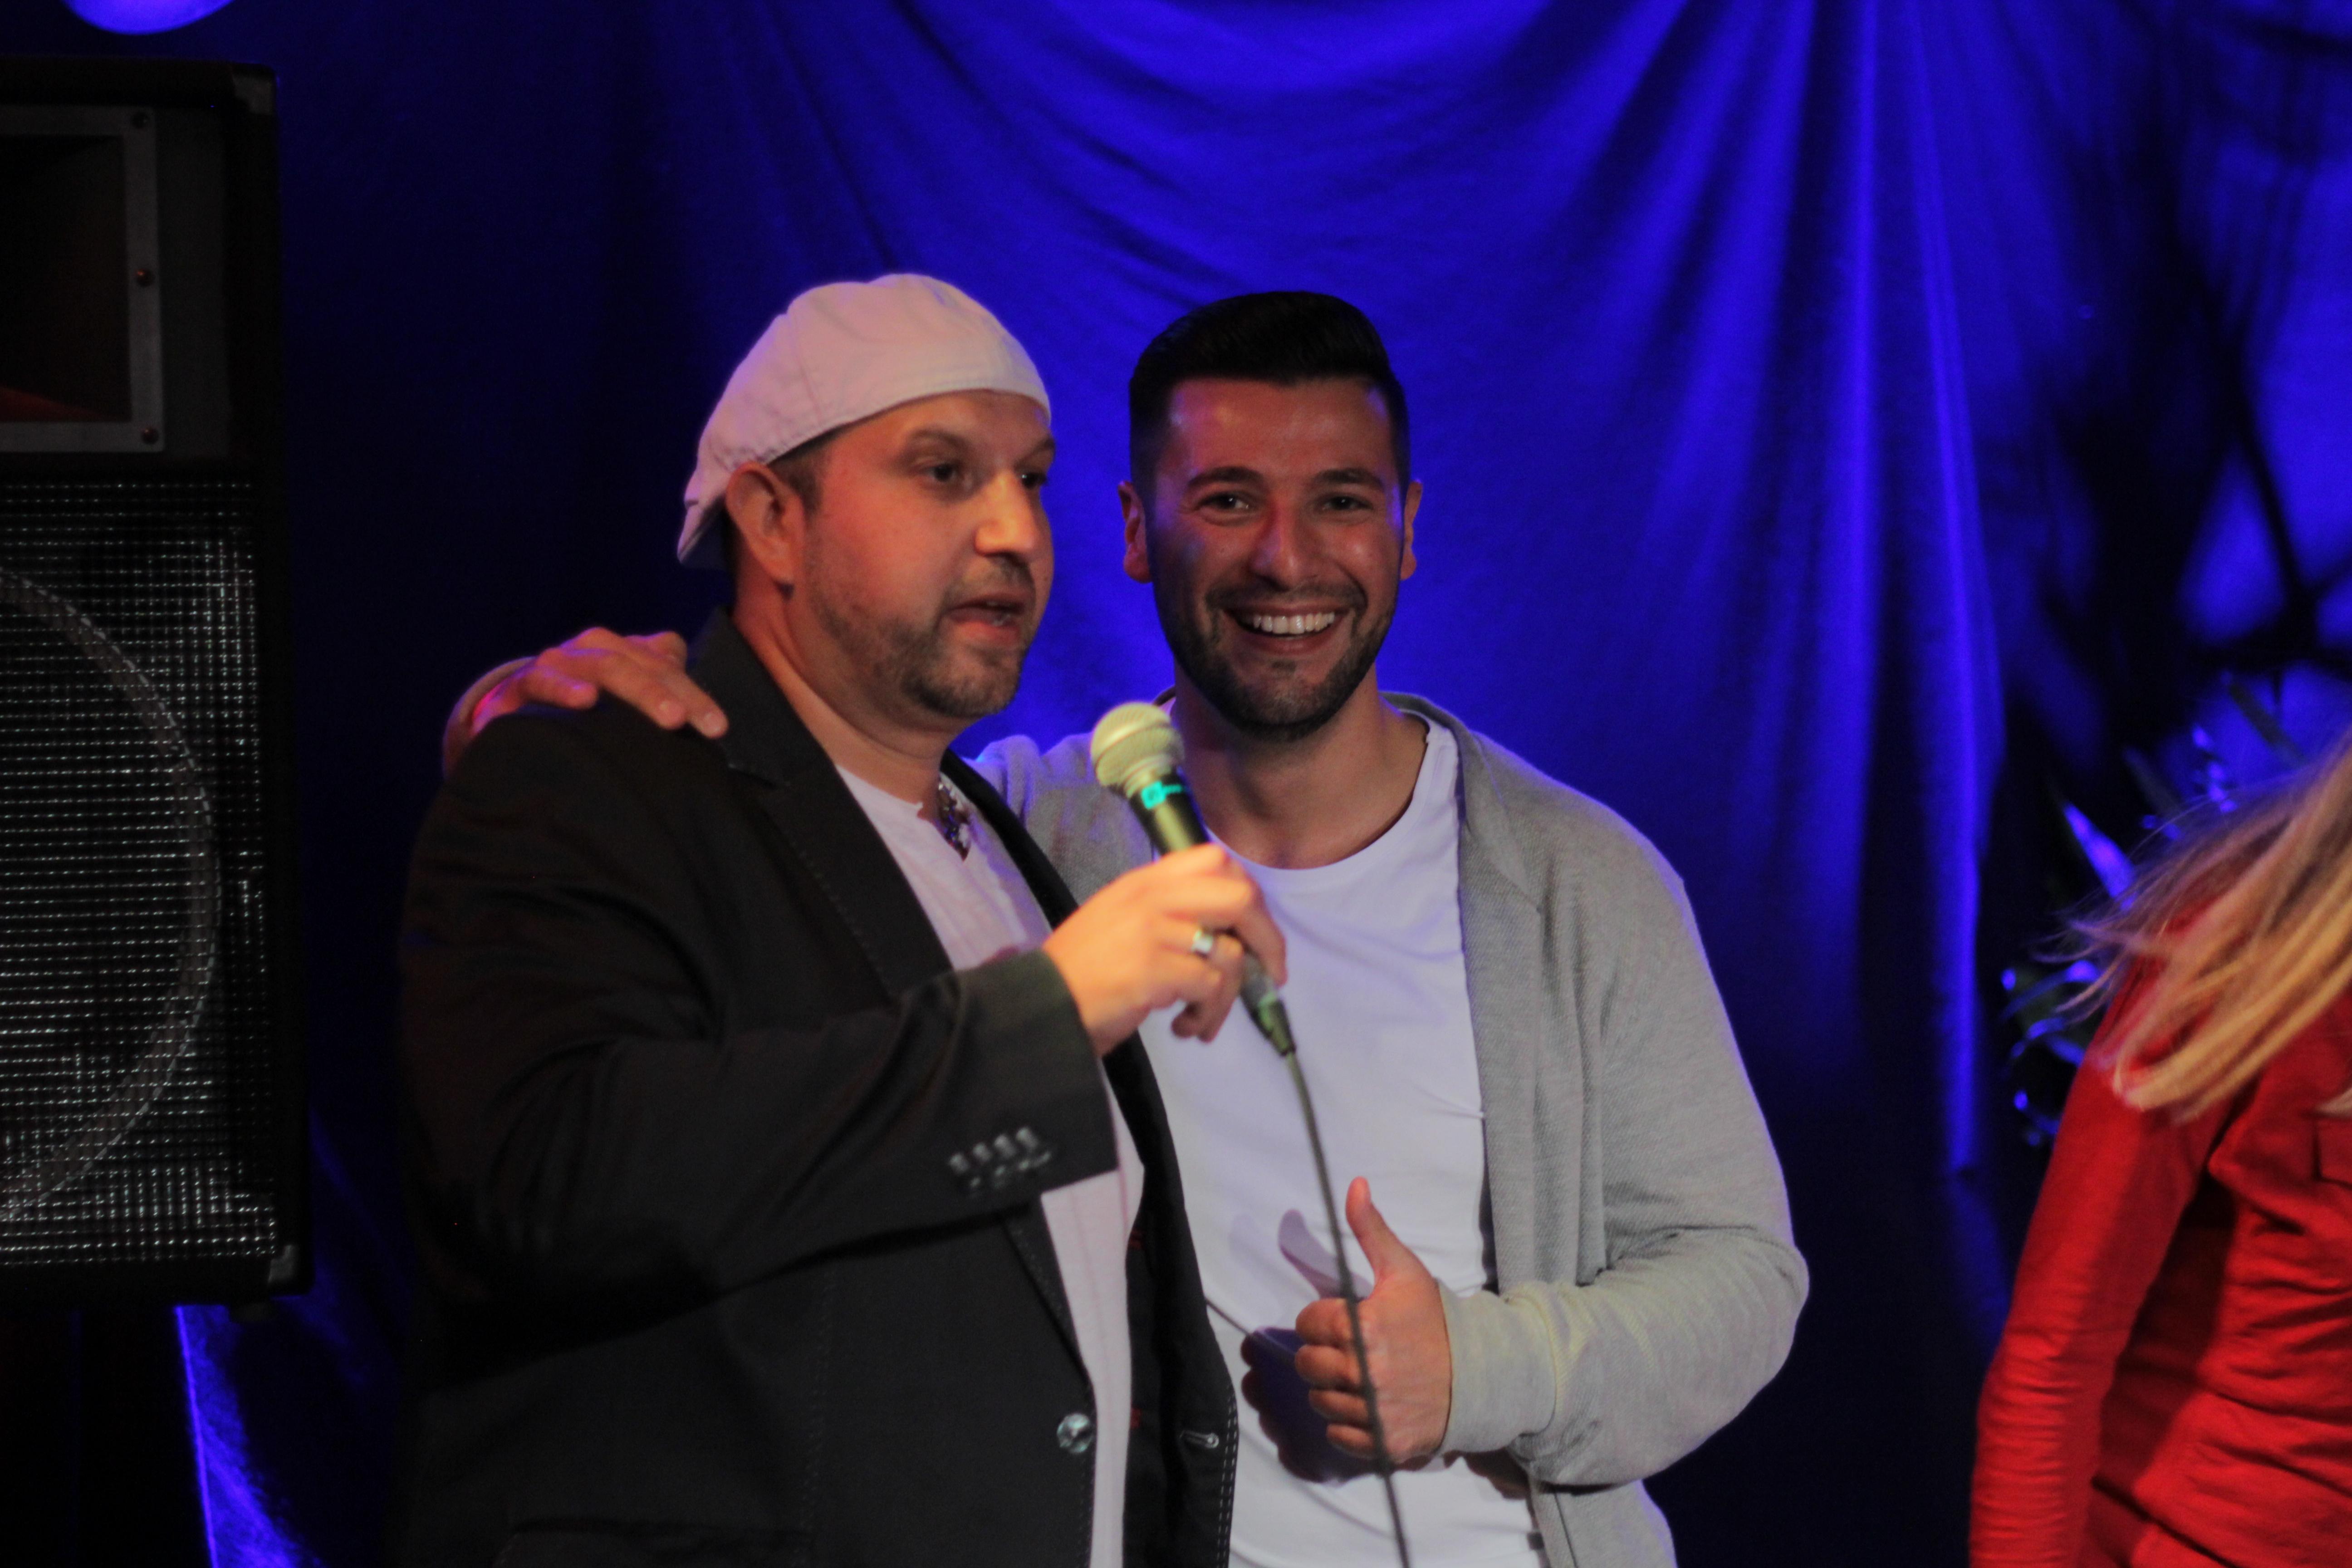 Cün Eyt Comedy Stand Up Backnang